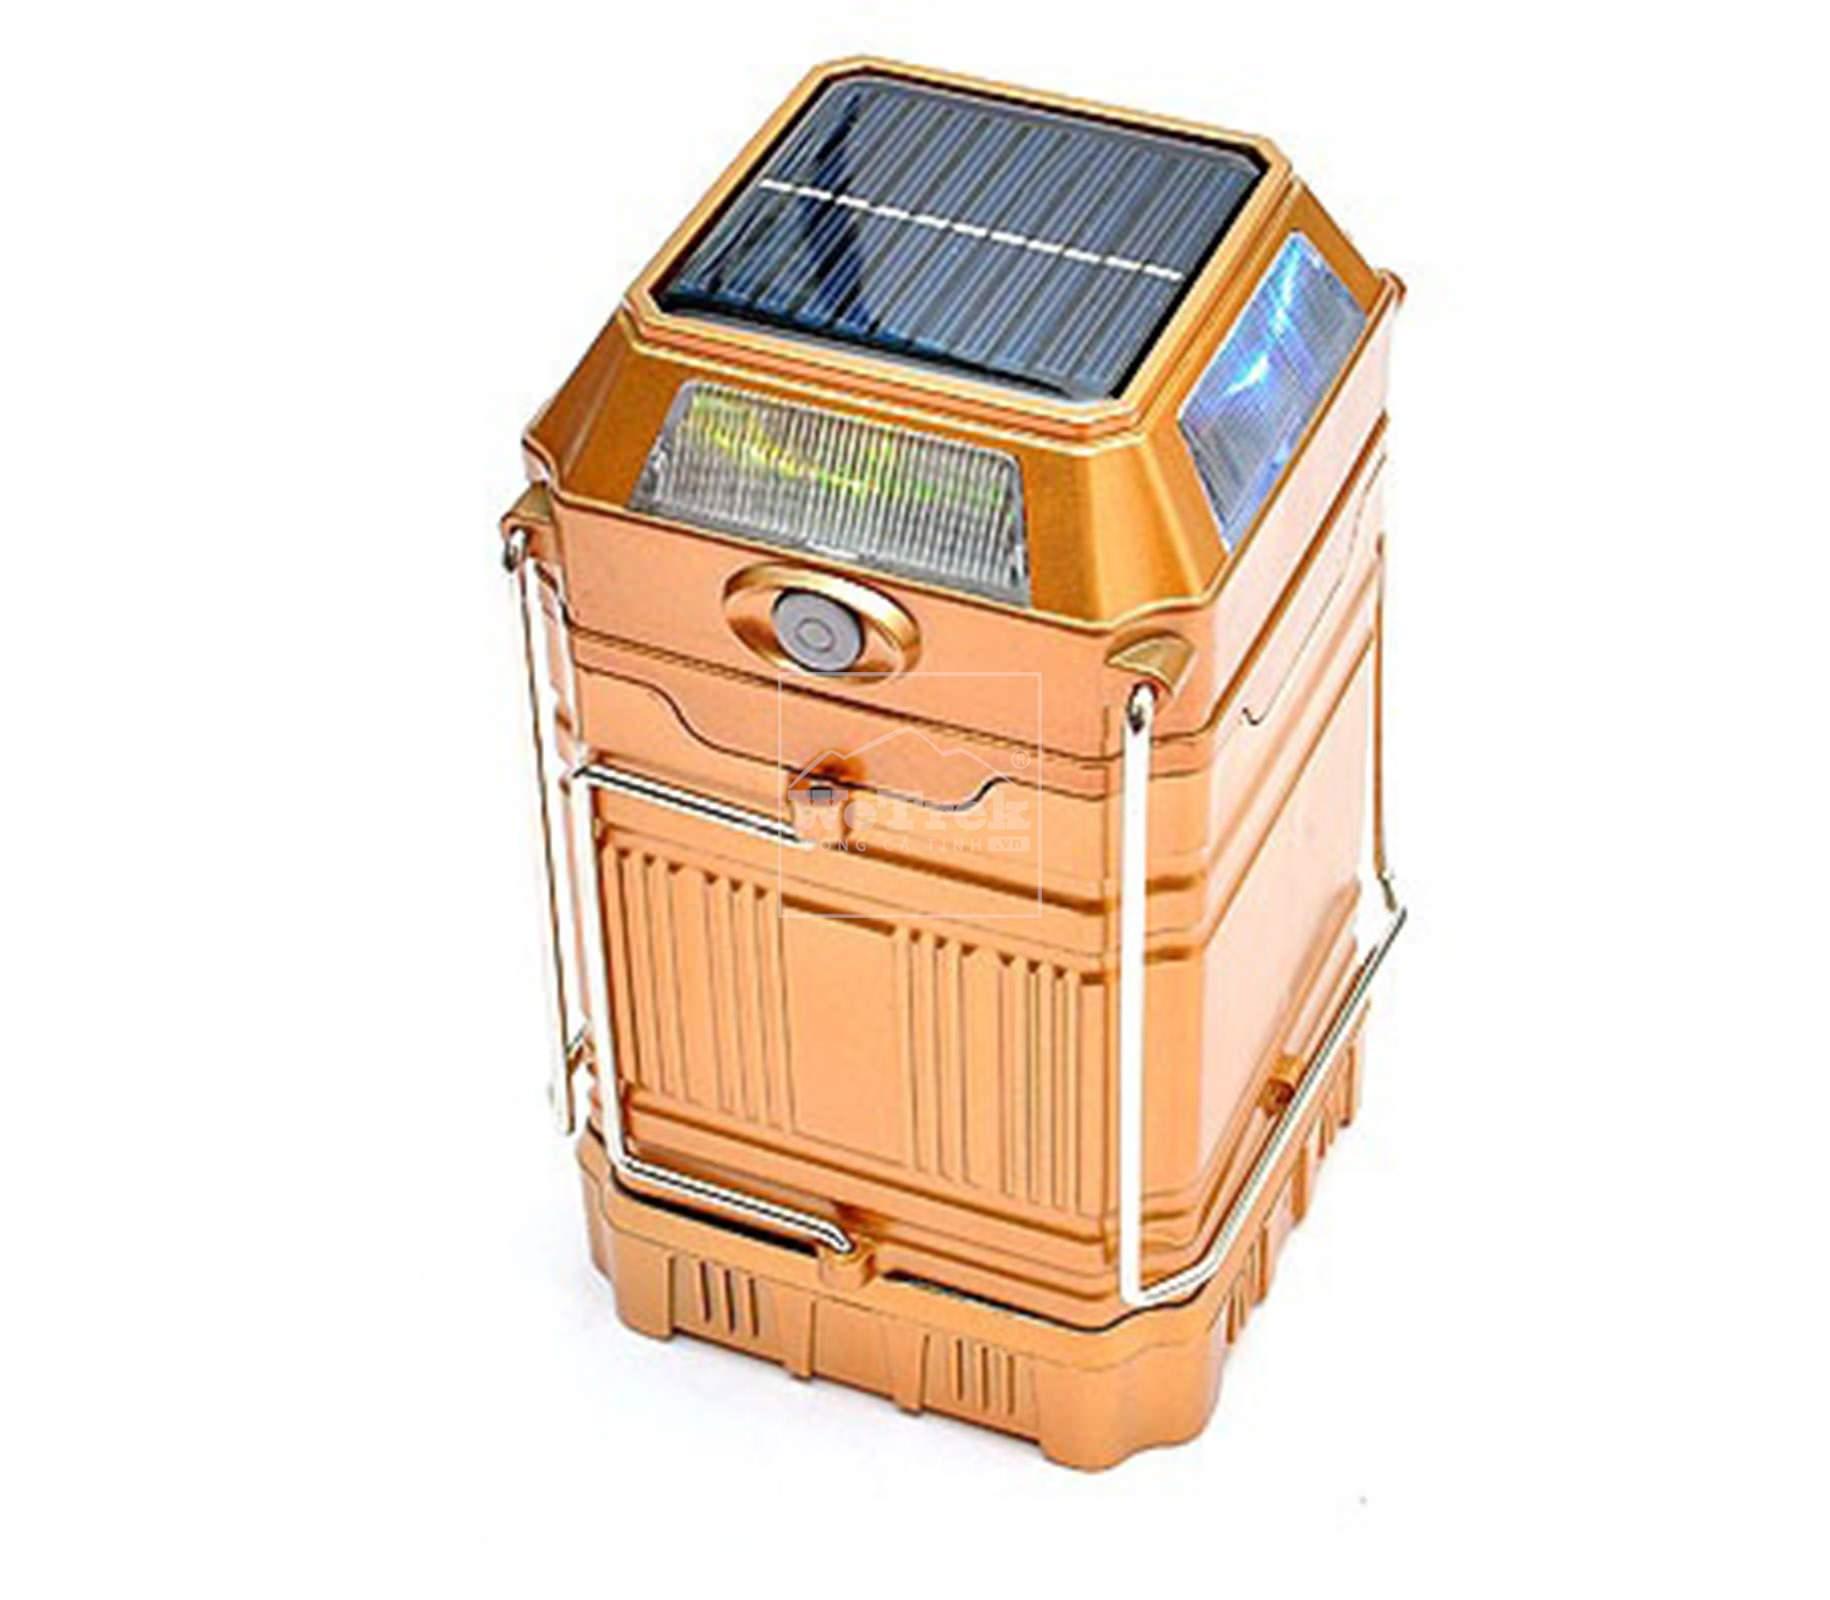 den-leu-8-4-1-led-rechargeable-camping-lantern-gsh-9009a-wetrek.vn-6